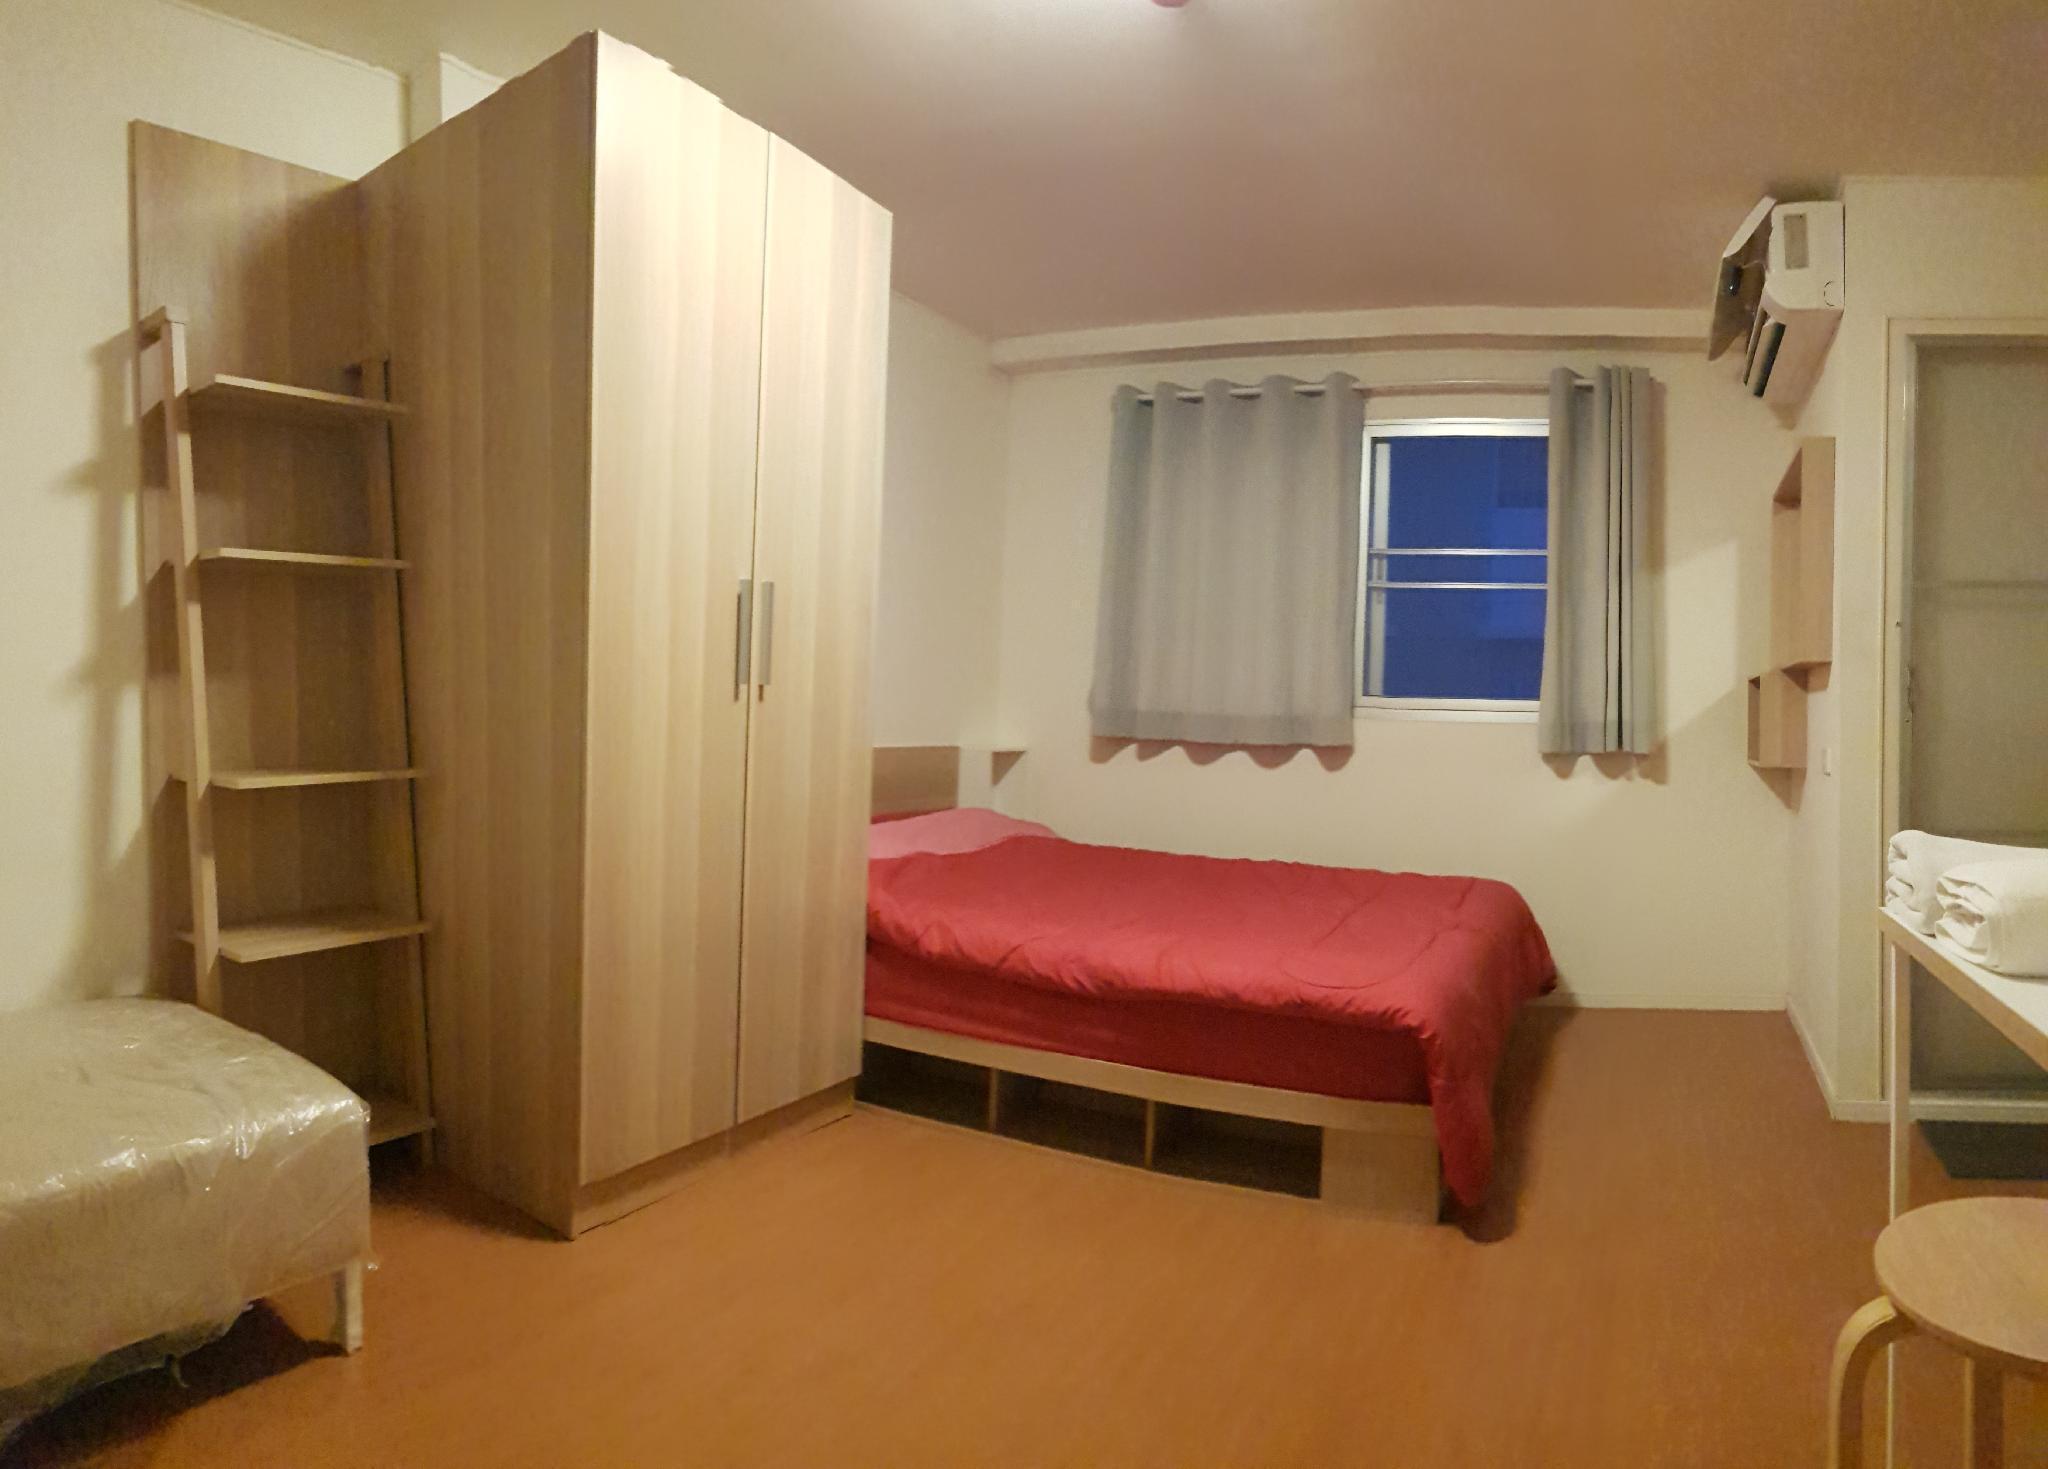 B5 อพาร์ตเมนต์ 1 ห้องนอน 1 ห้องน้ำส่วนตัว ขนาด 28 ตร.ม. – ตัวเมืองชลบุรี